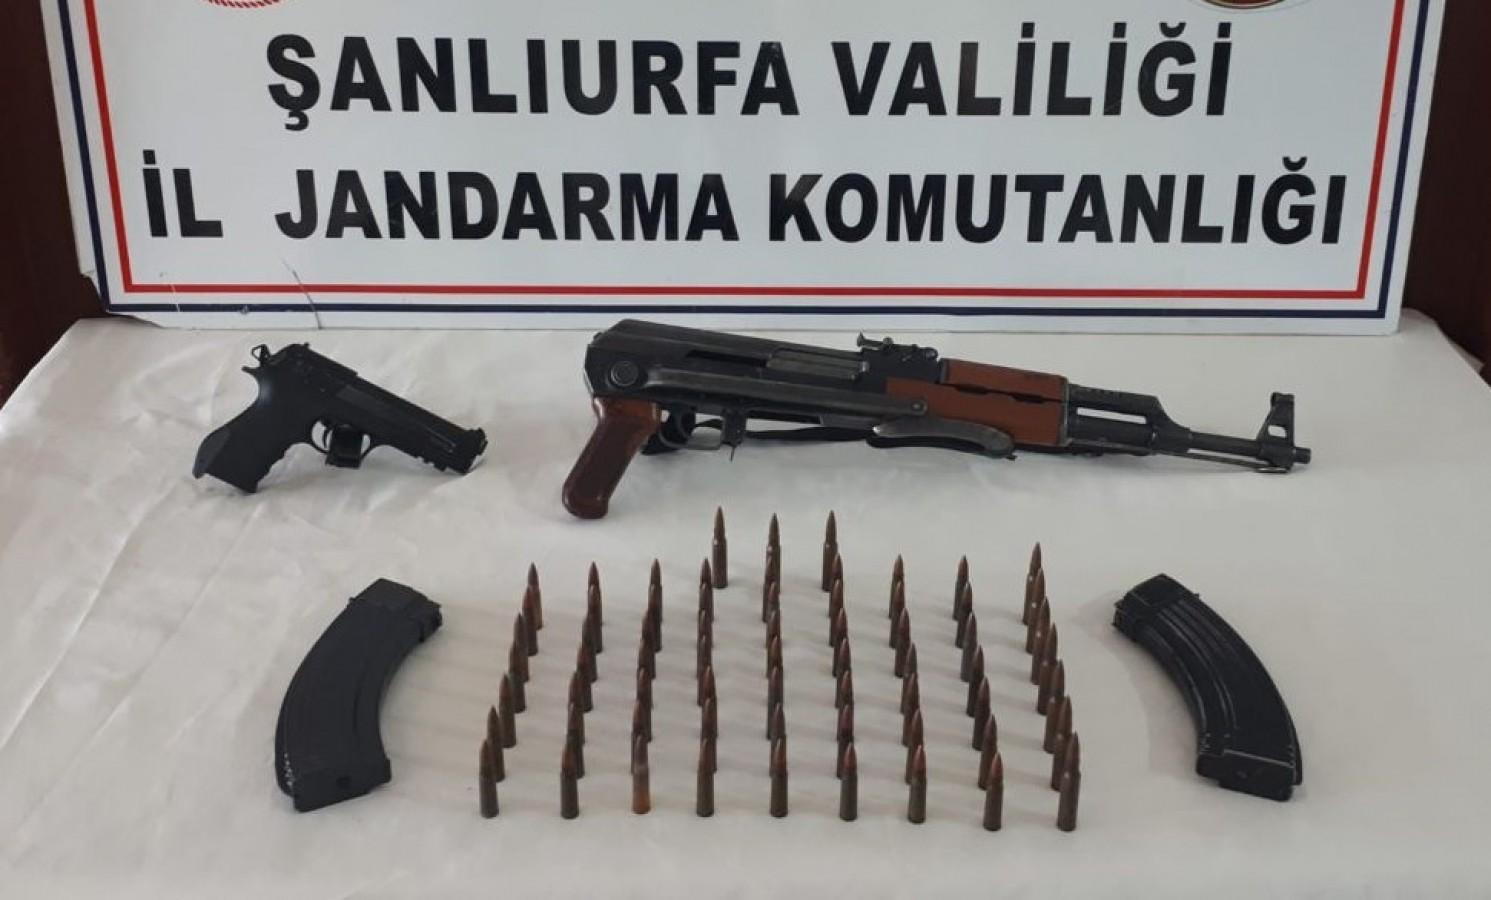 Viranşehir'de silah kaçakçılığı: 1 gözaltı